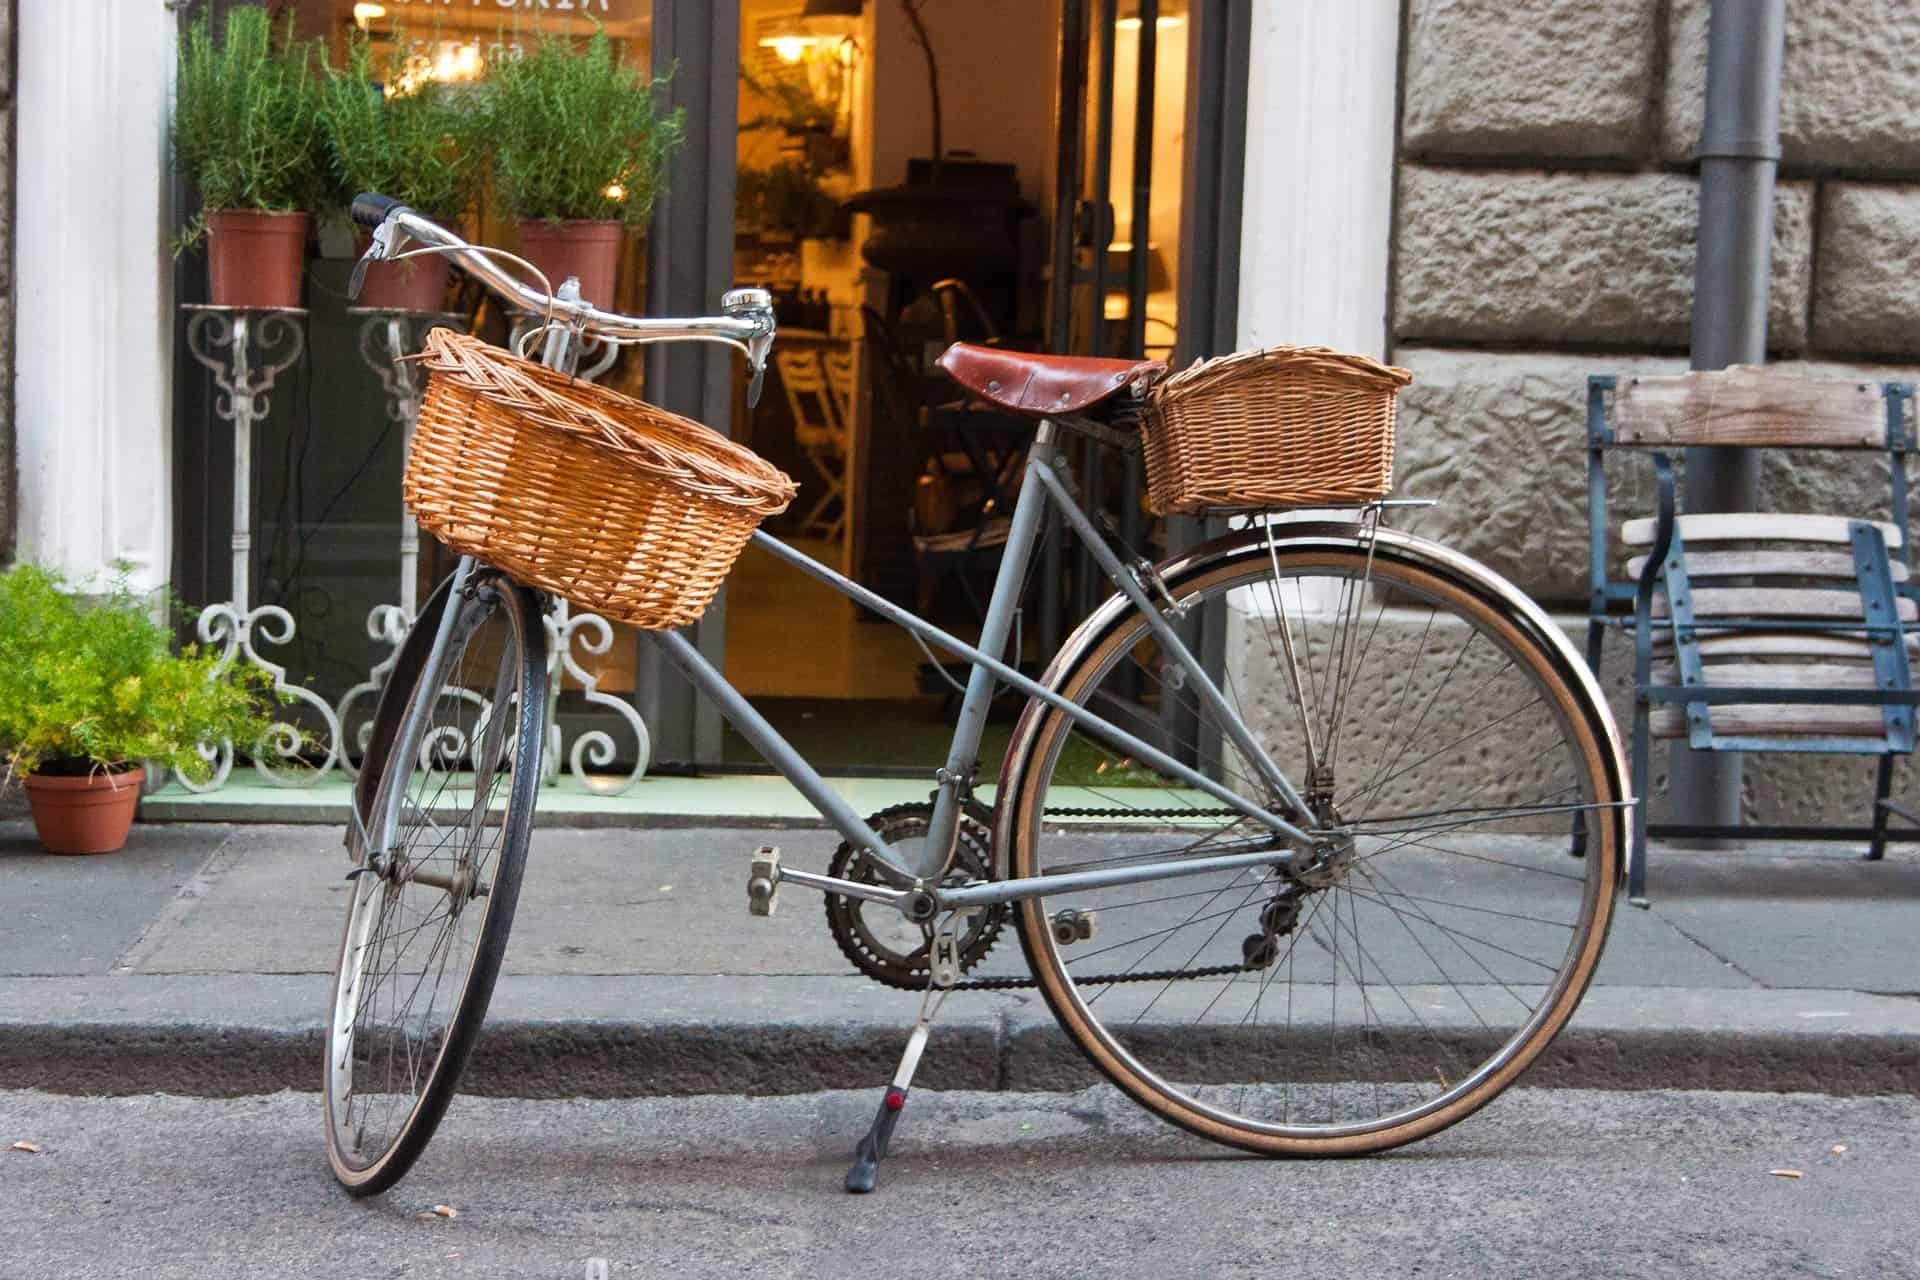 Fahrradkorb: Test & Empfehlungen (01/20)